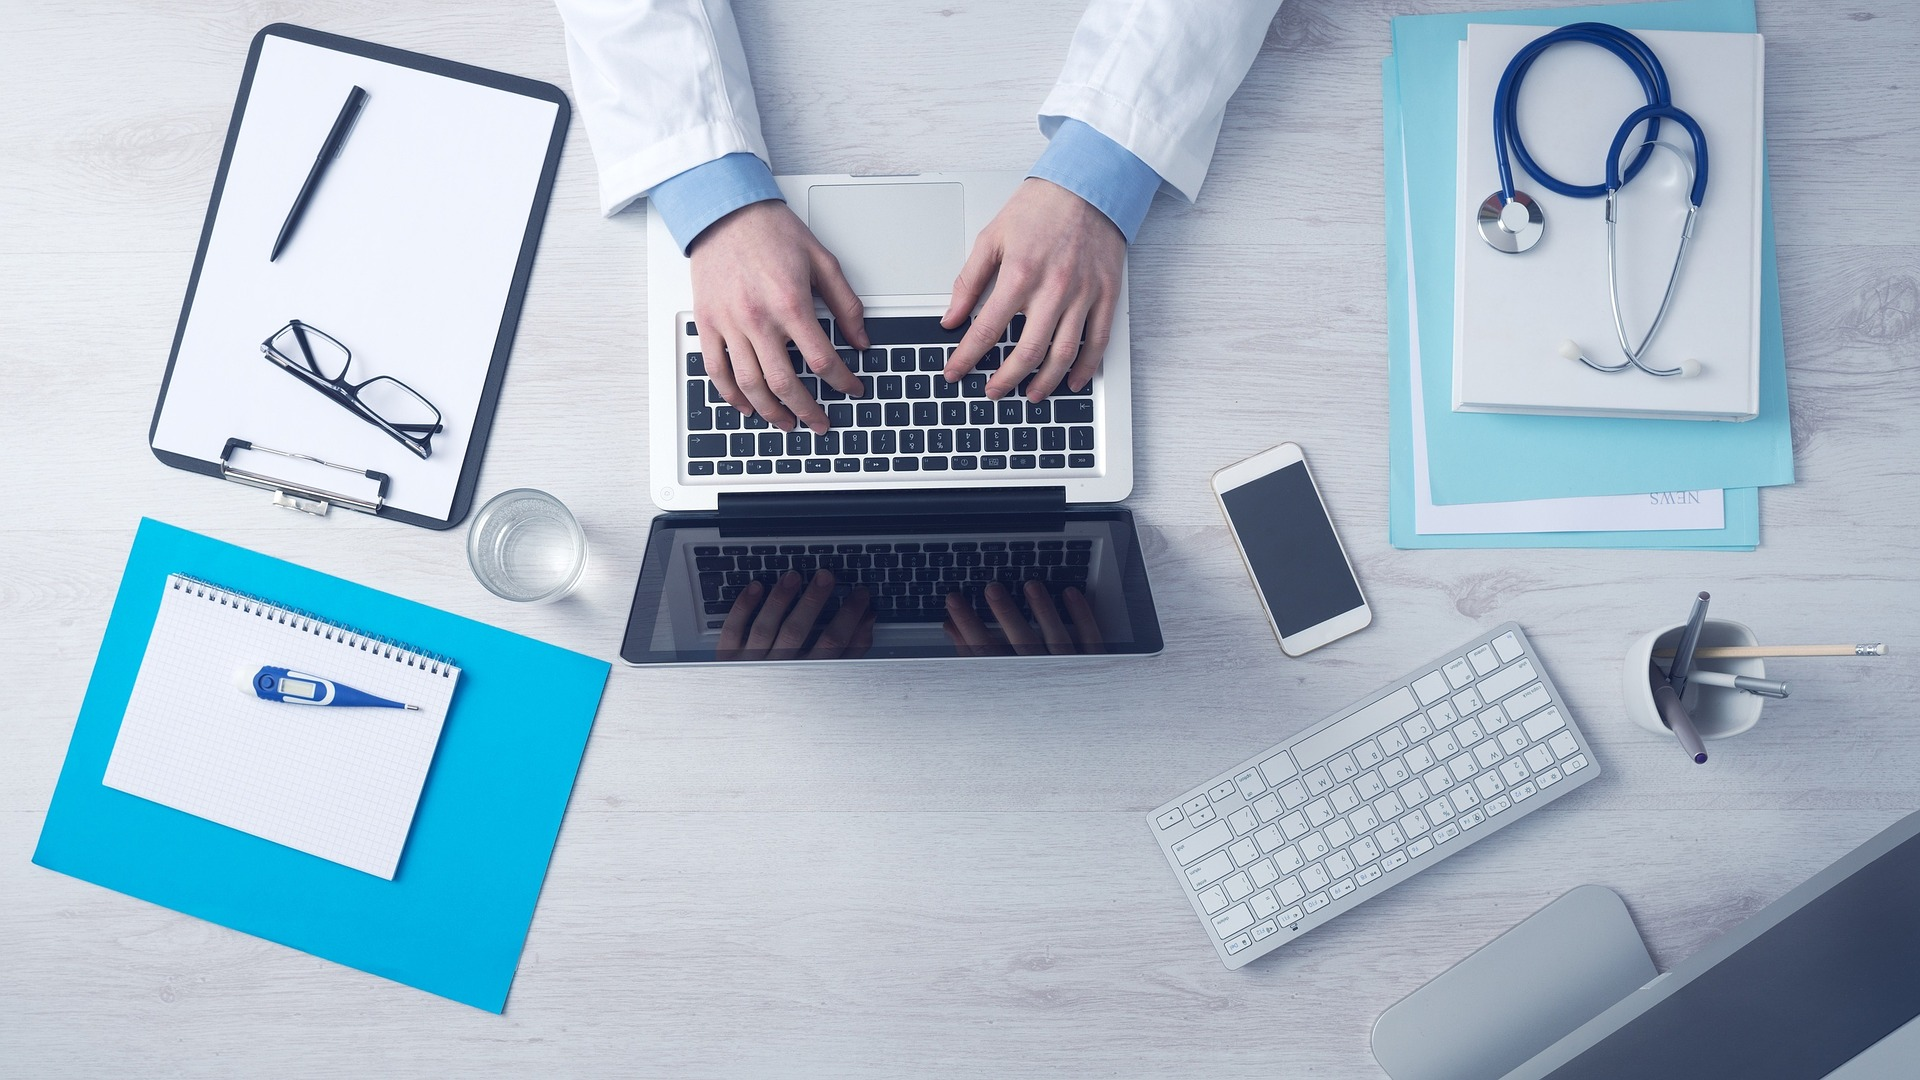 Lavoro istopatologo all'estero | Regno Unito